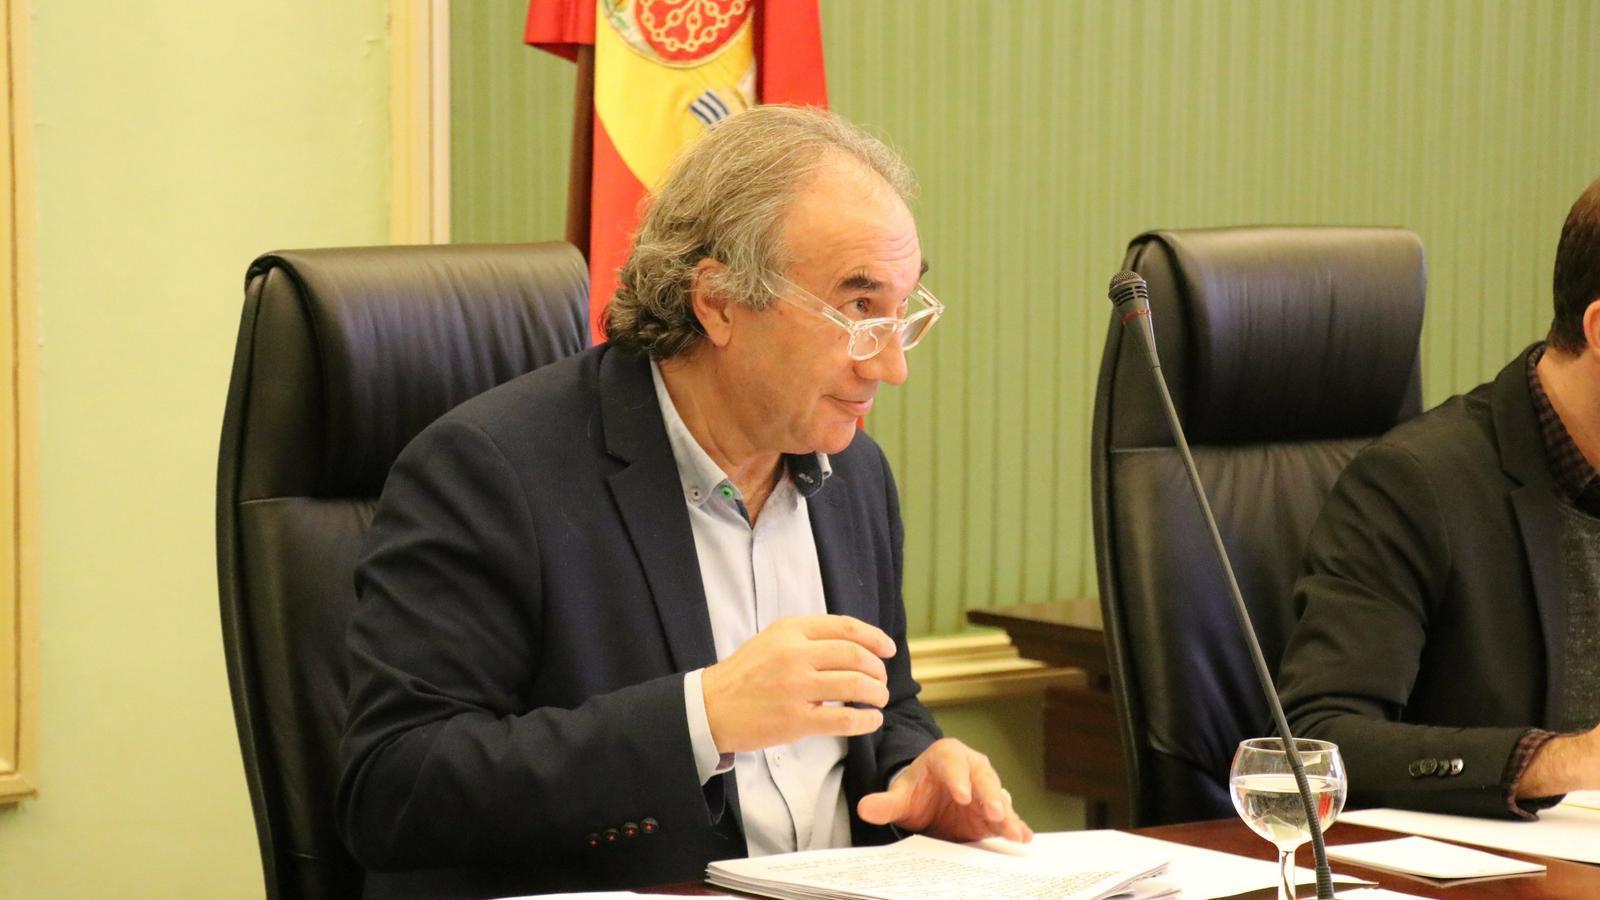 El conseller d'Educació, Universitat i Recerca, Martí March, durant la seva compareixença d'aquest dimarts